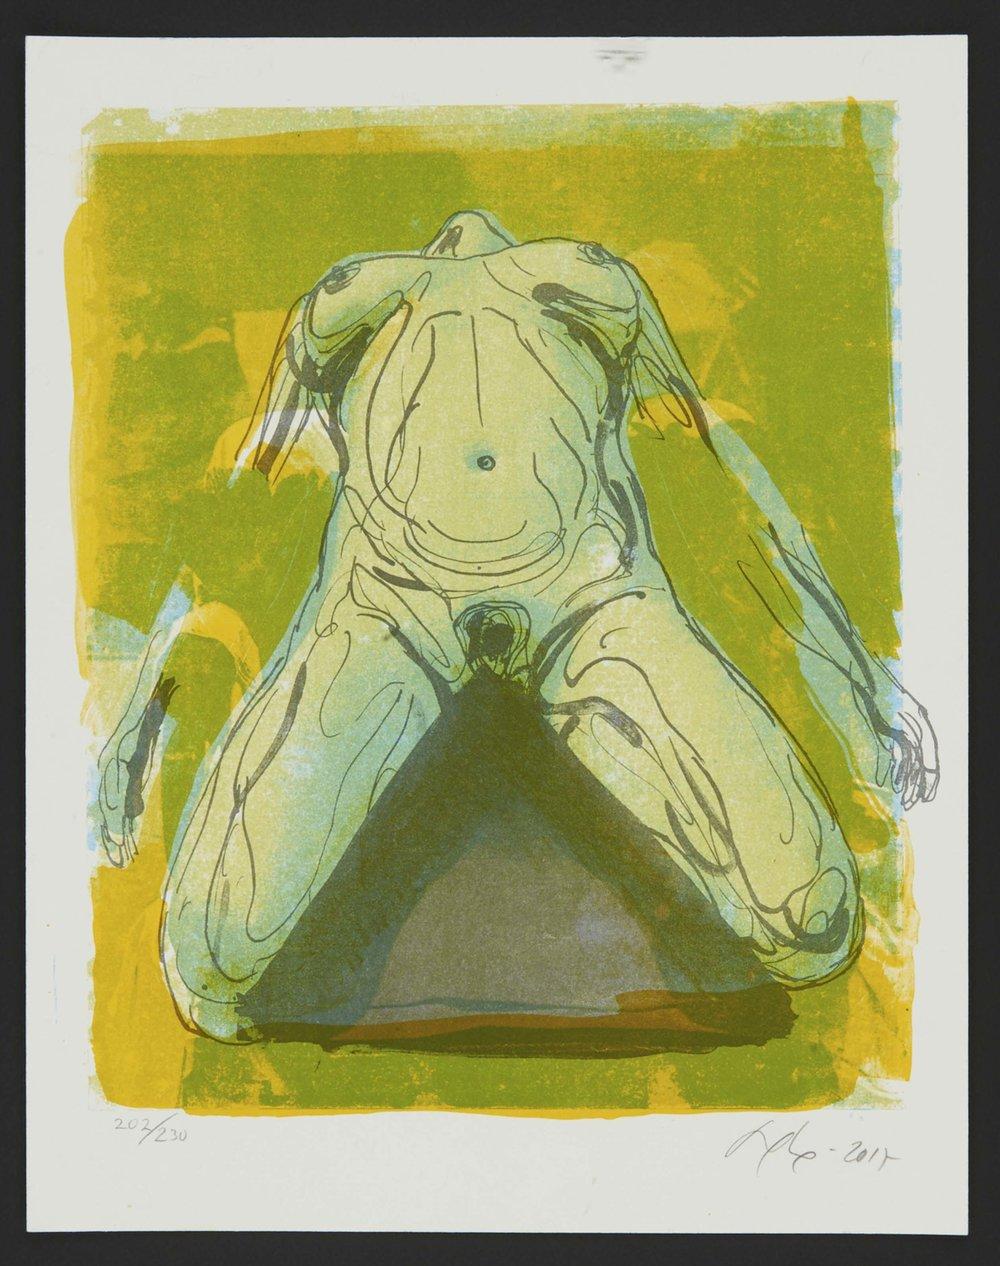 024-Bjørn Nørgaard 03 28 x 35,5.jpg